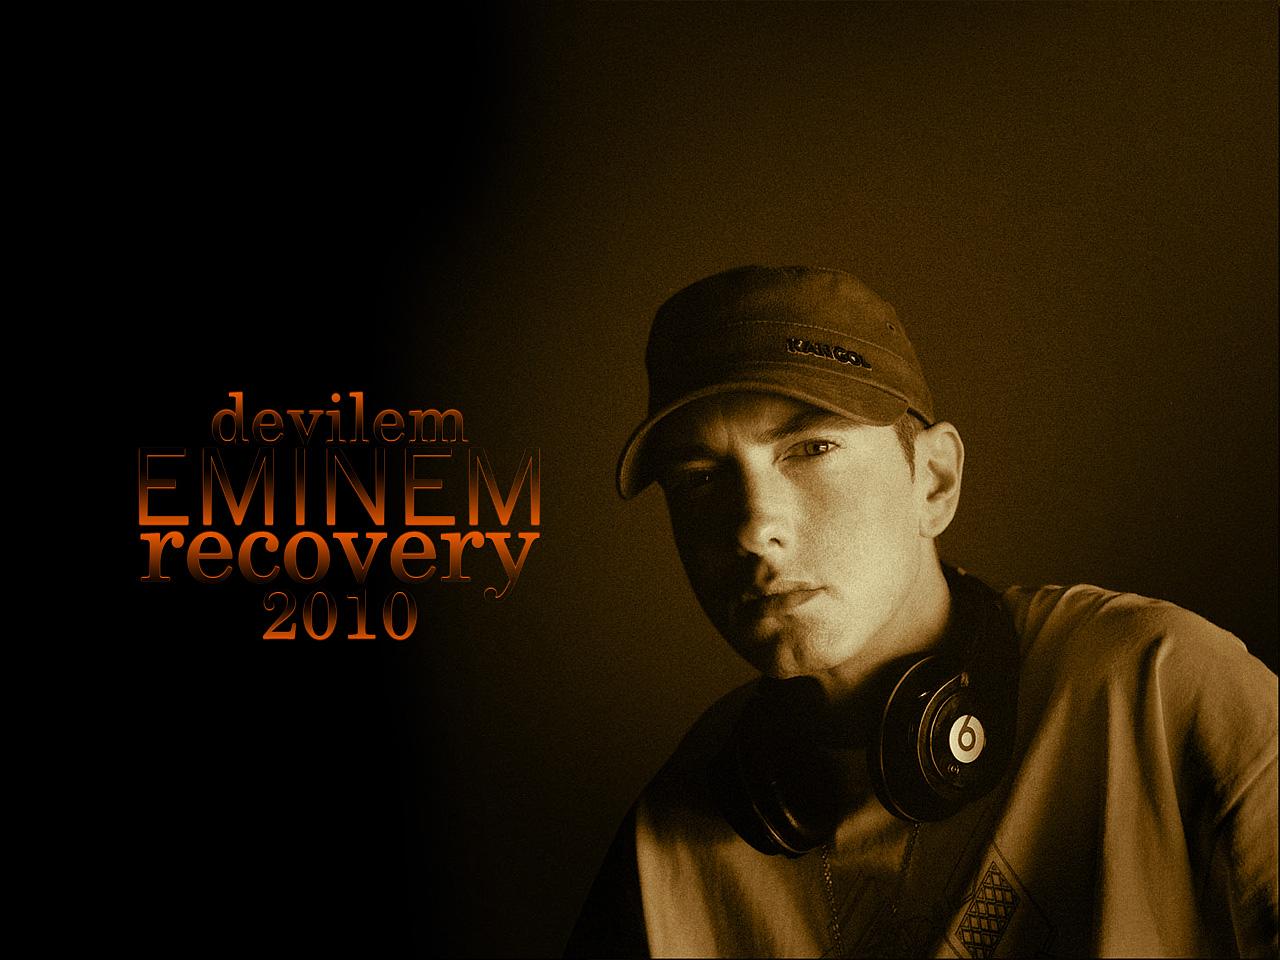 http://1.bp.blogspot.com/-epUOQ9xhYOQ/Tbne1jBmVyI/AAAAAAAAAFo/6-3jMizwwAA/s1600/Eminem-Recovery-wallpaper.jpg